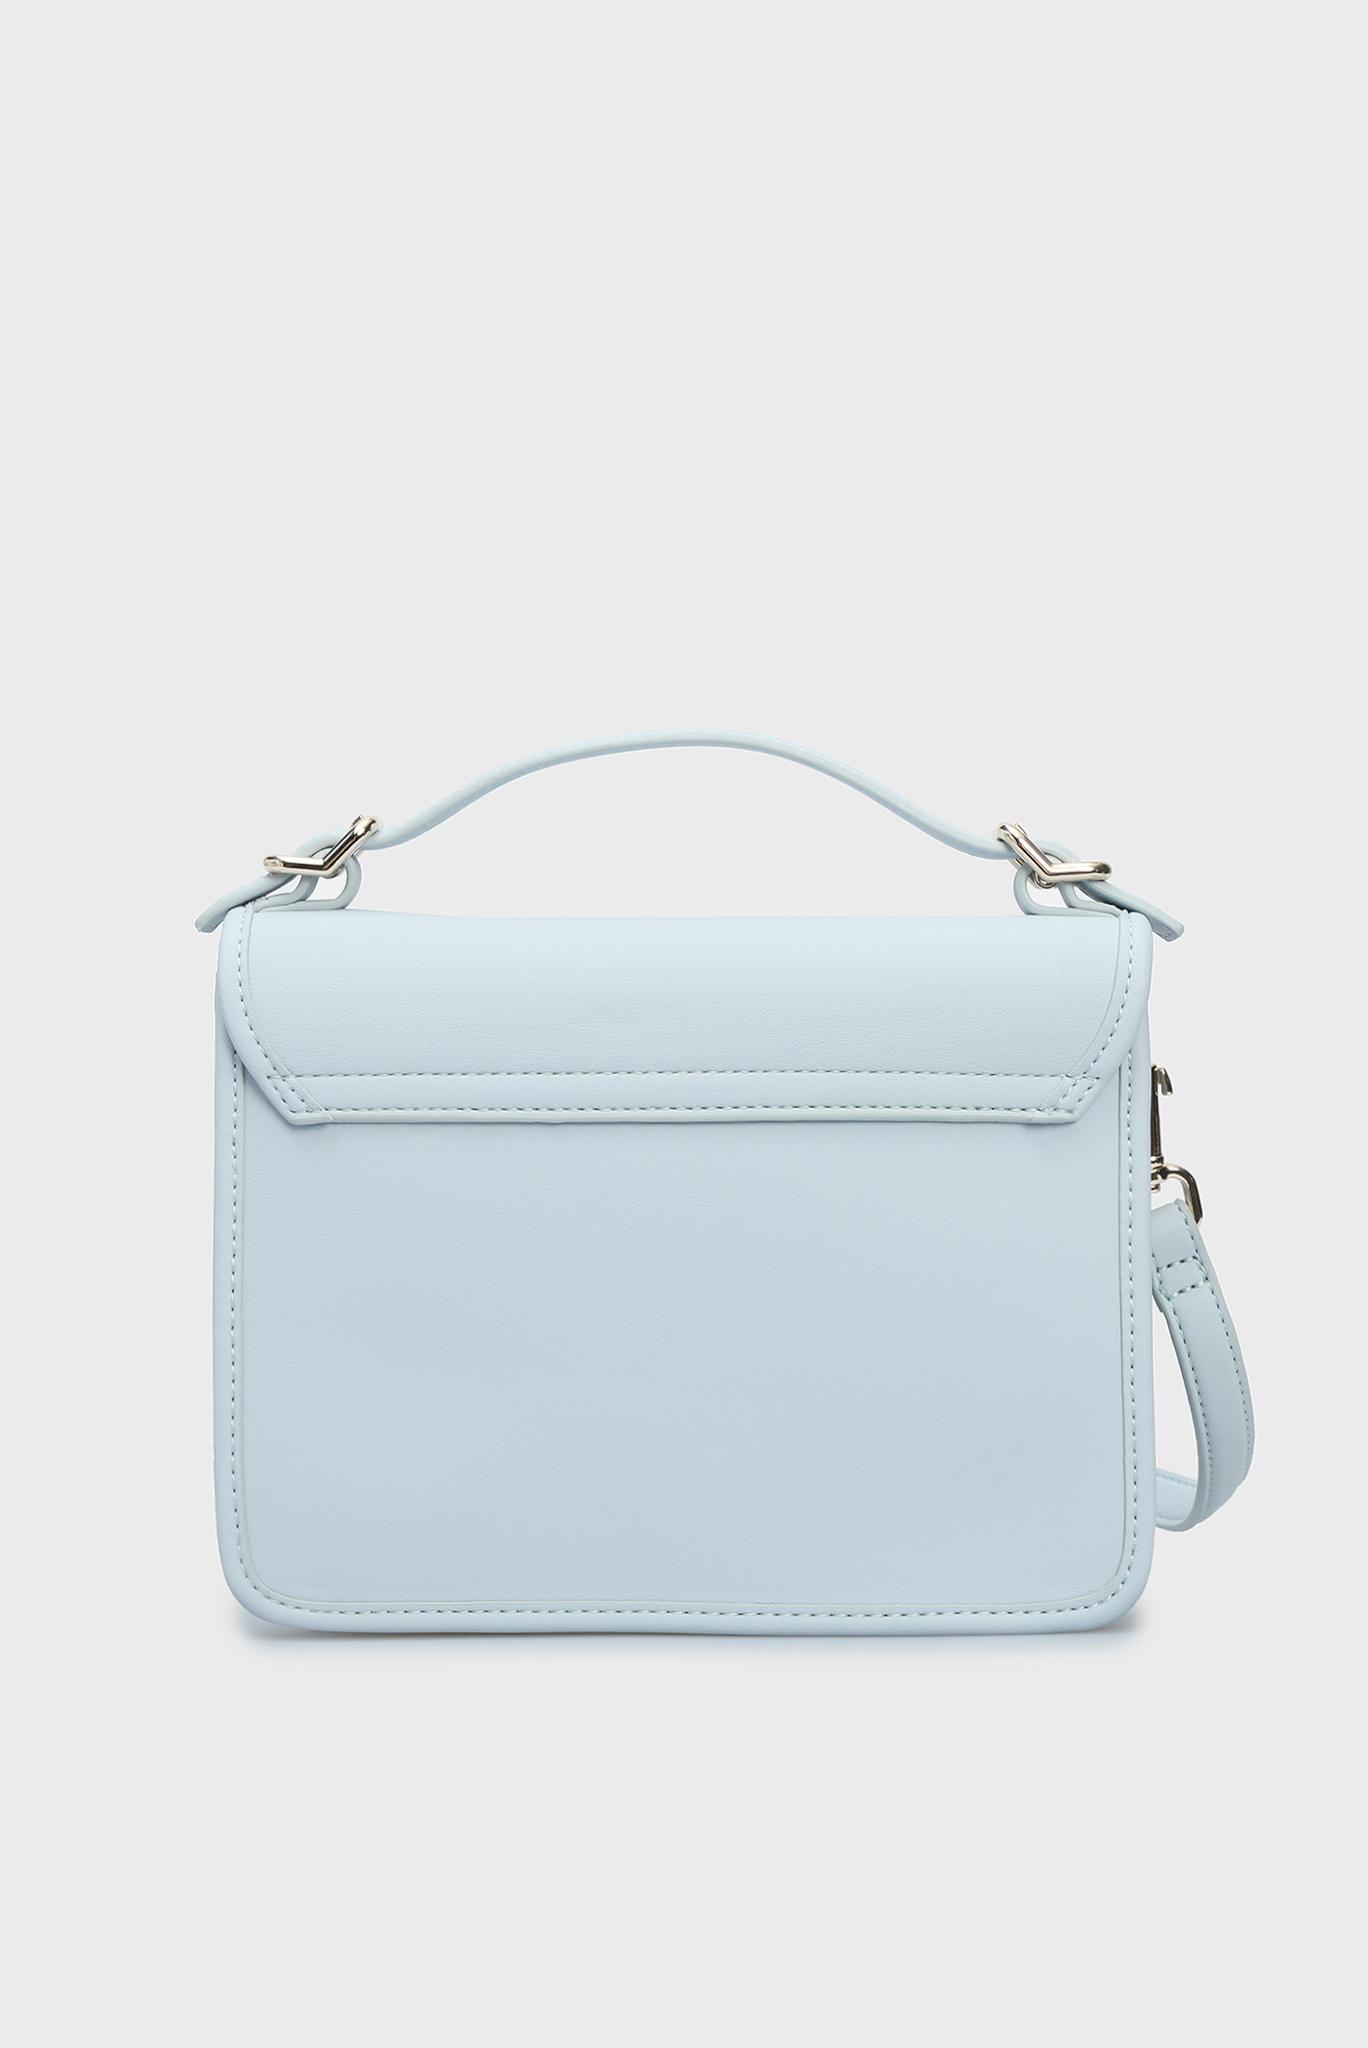 Женская голубая сумка через плечо CHIC CROSSOVER Tommy Hilfiger